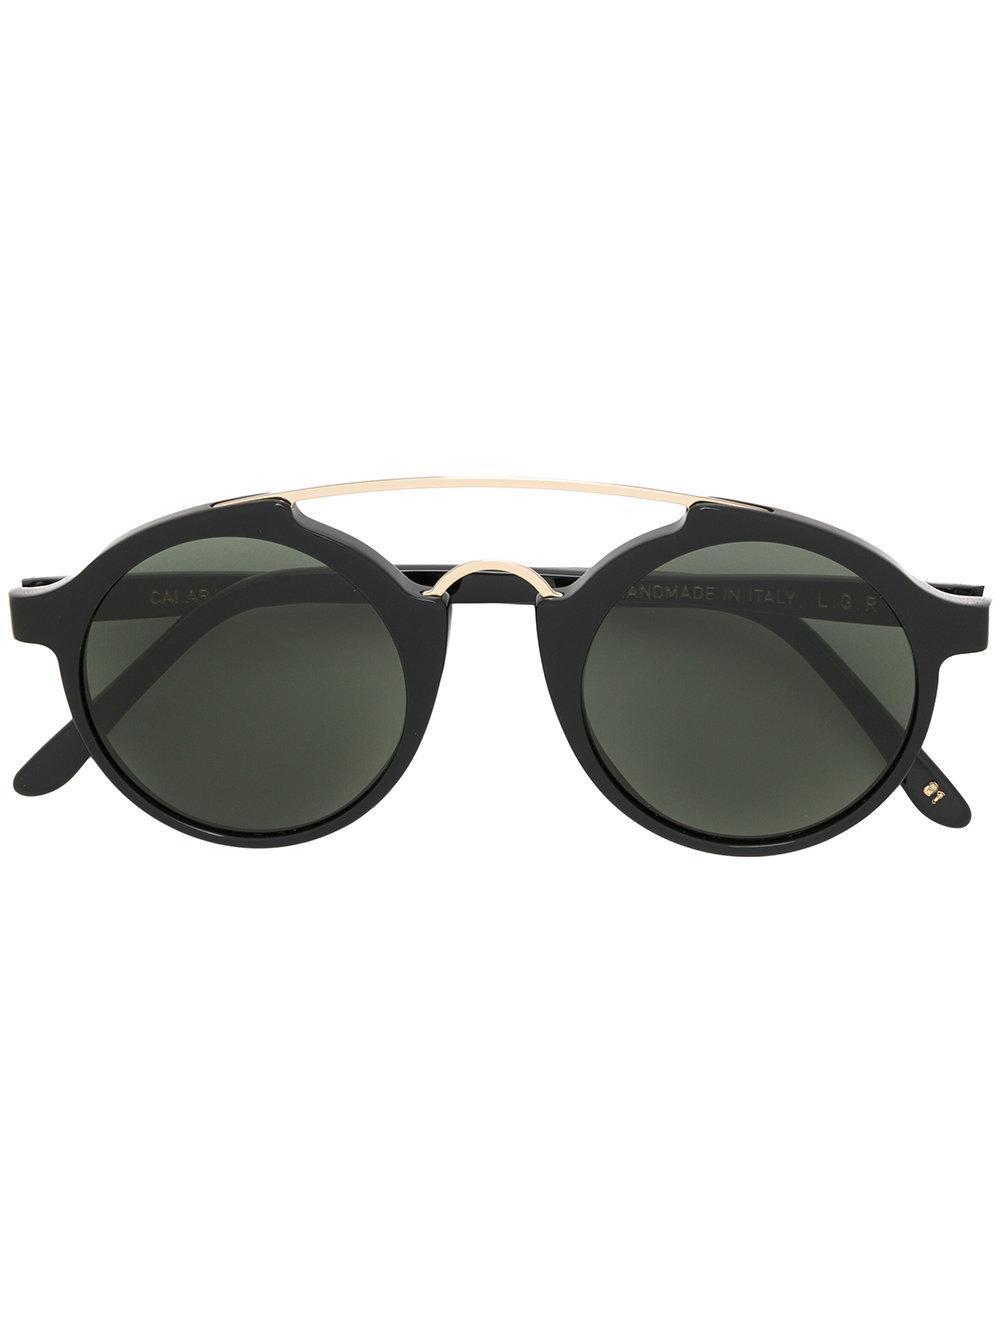 91ff70f6ff3 L.G.R Double Bridge Round Sunglasses - Black. Farfetch